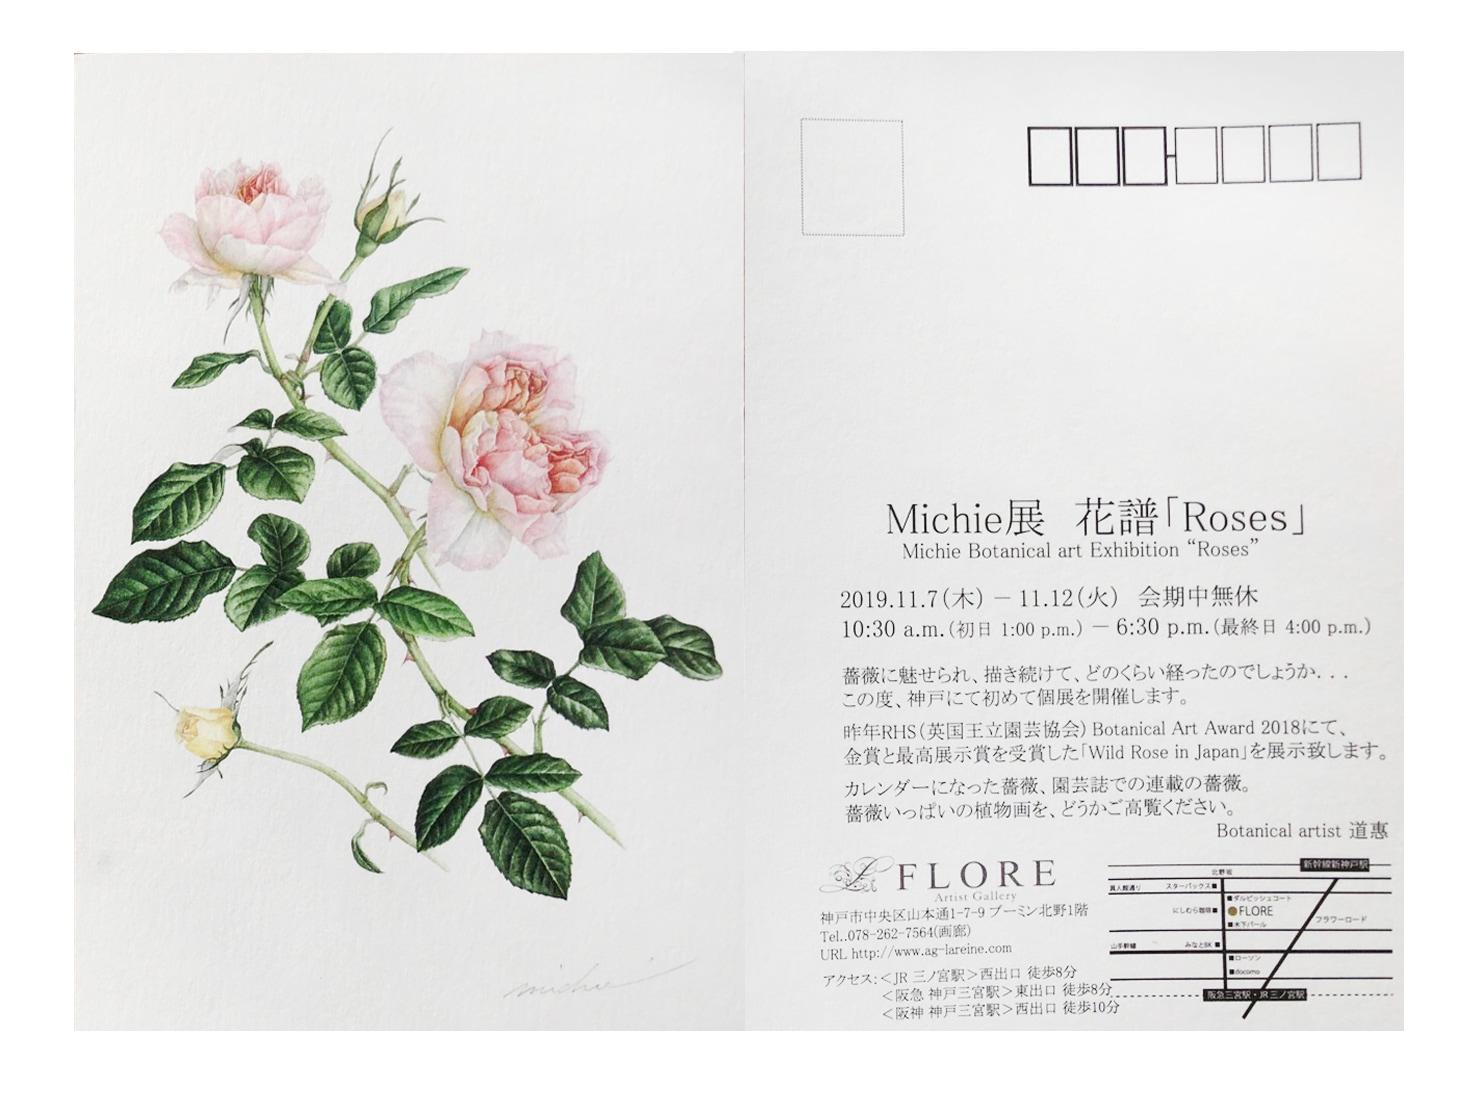 フロンティア 山田道恵 Michie展 花譜「Rose」